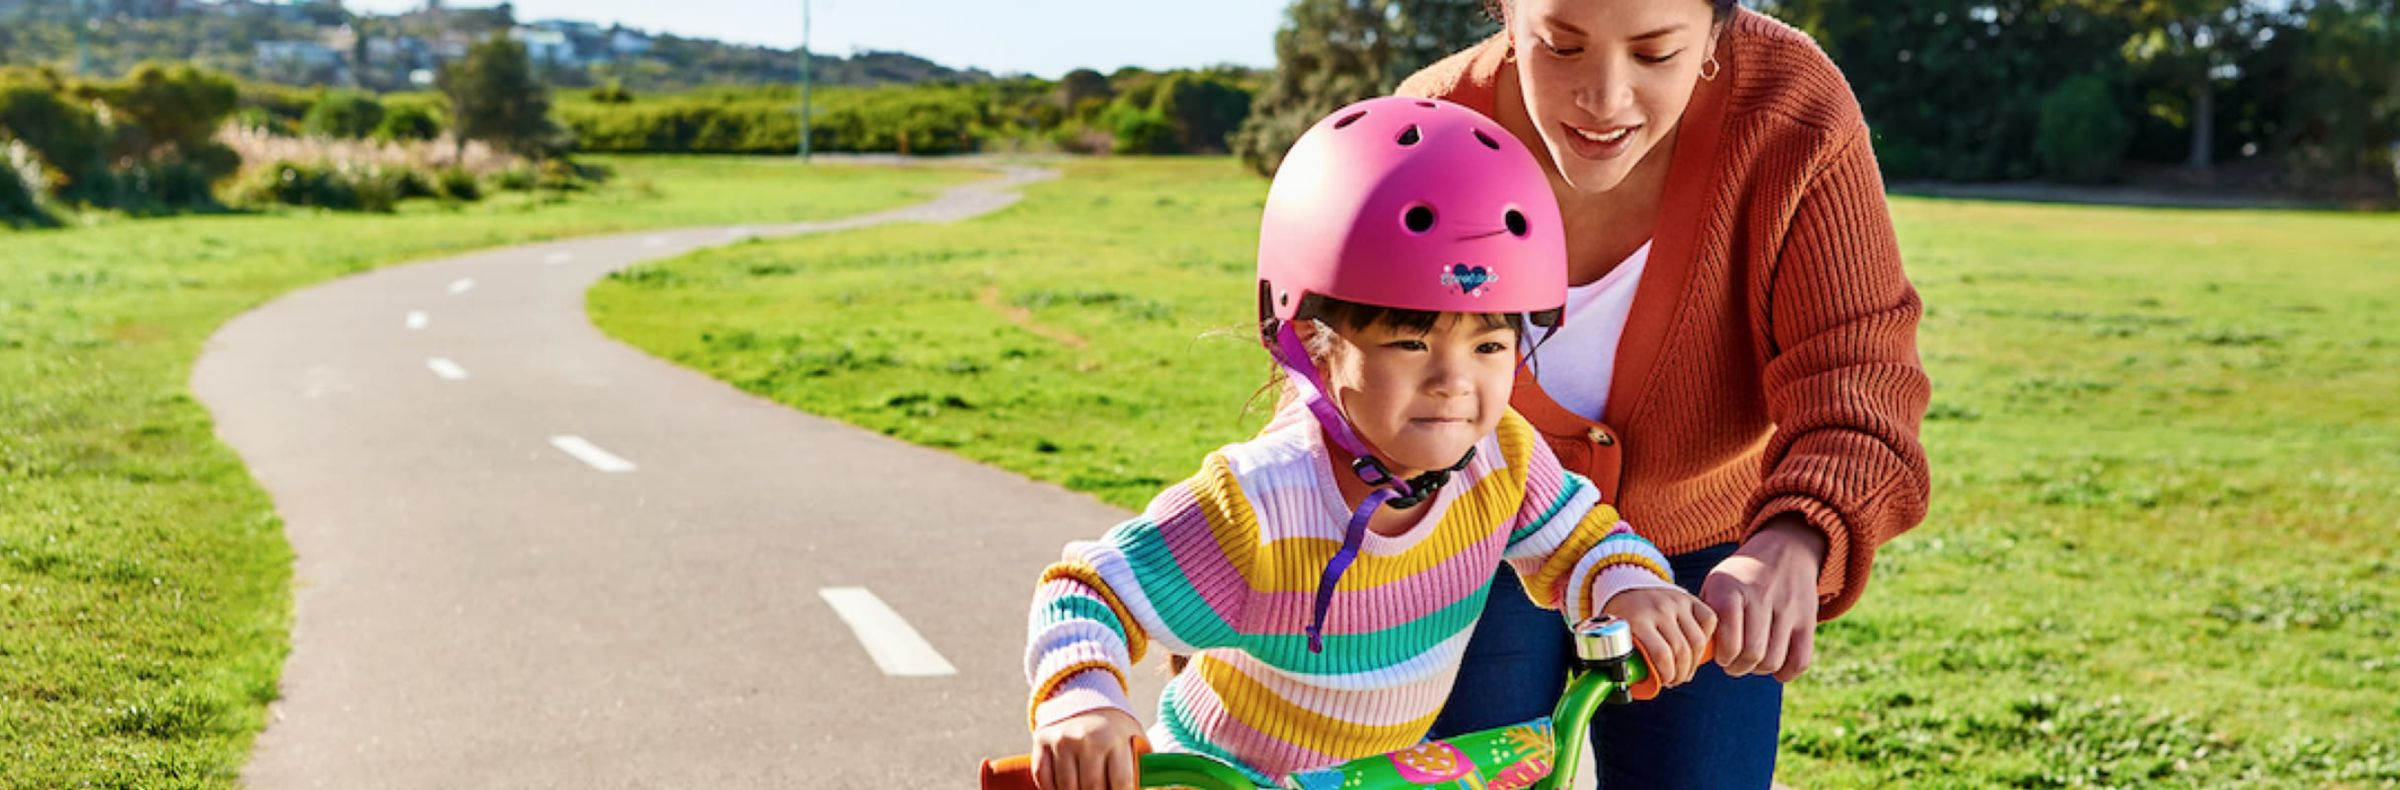 A kid on a bike